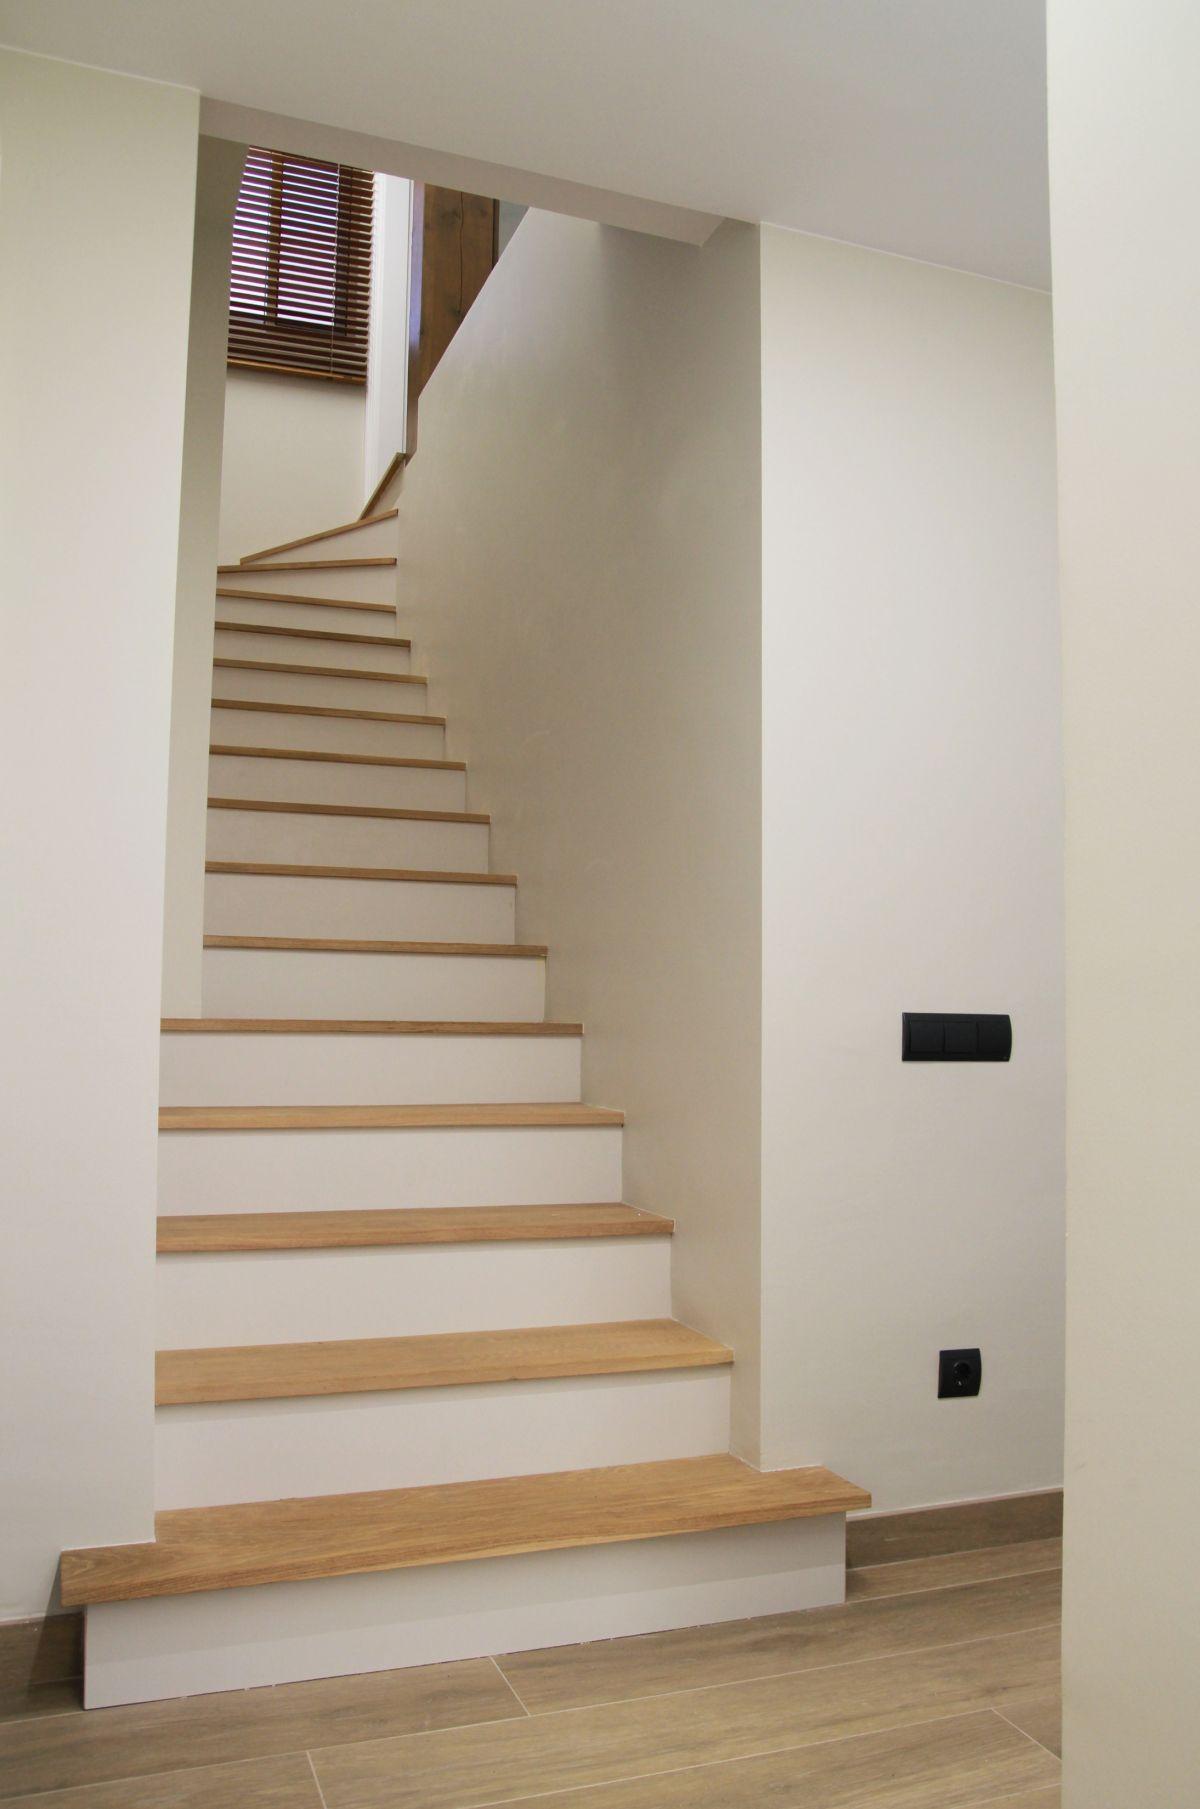 interiorisme, disseny d'interiors, escalera de madera, roure, robles,